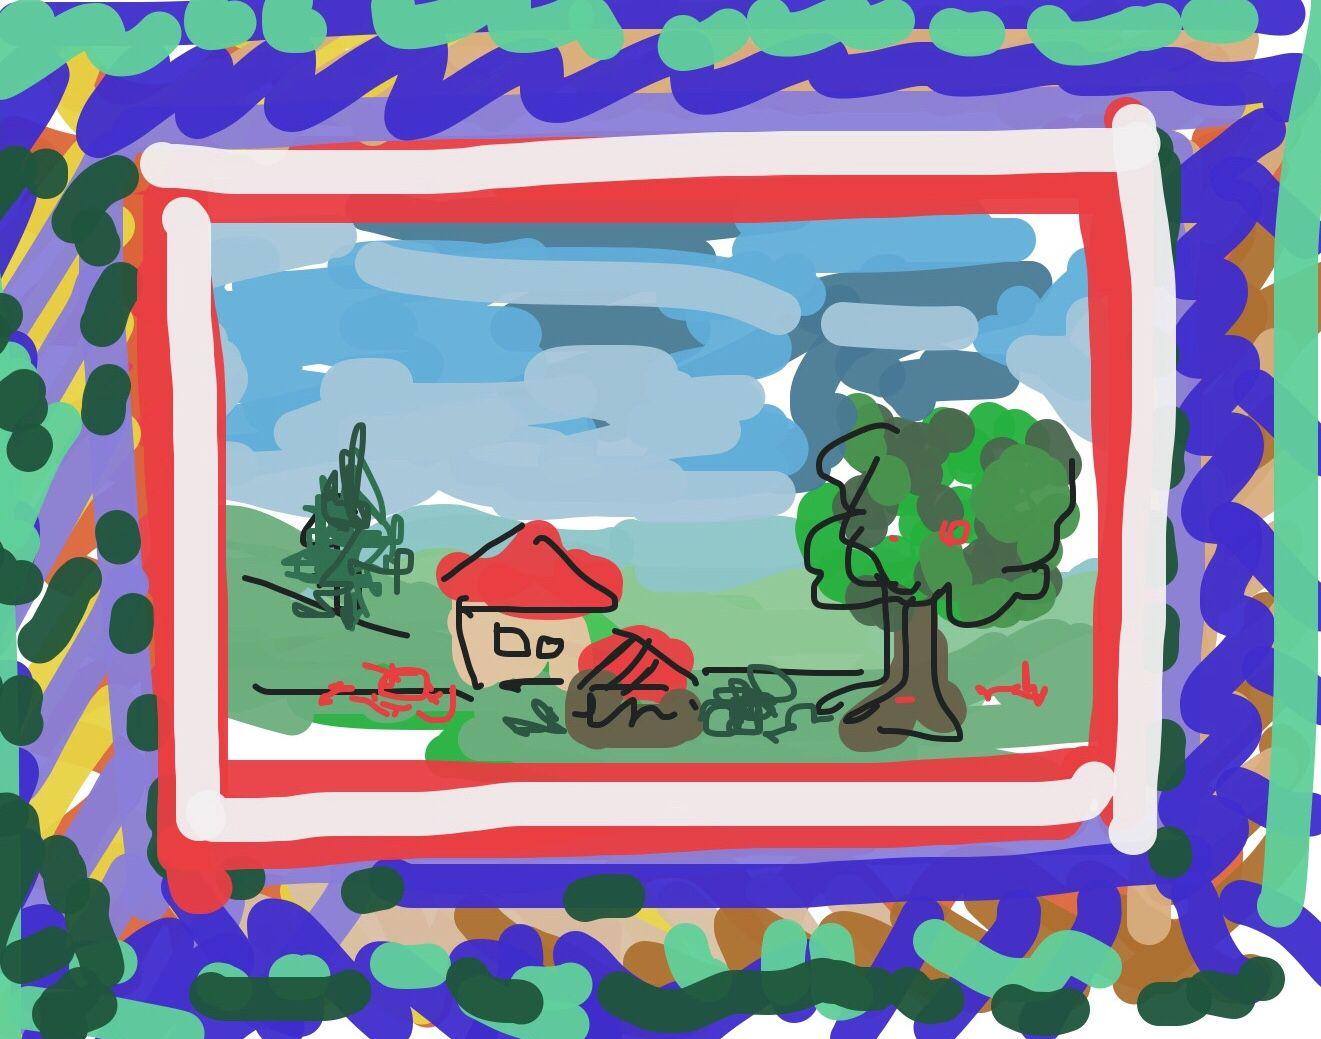 Idee ein Bild zu gestalten: Landschaft malen, Bild mit Klebeband umrahmen, dann außen einen Rahmen malen - Wirkung ist dreidimensional!